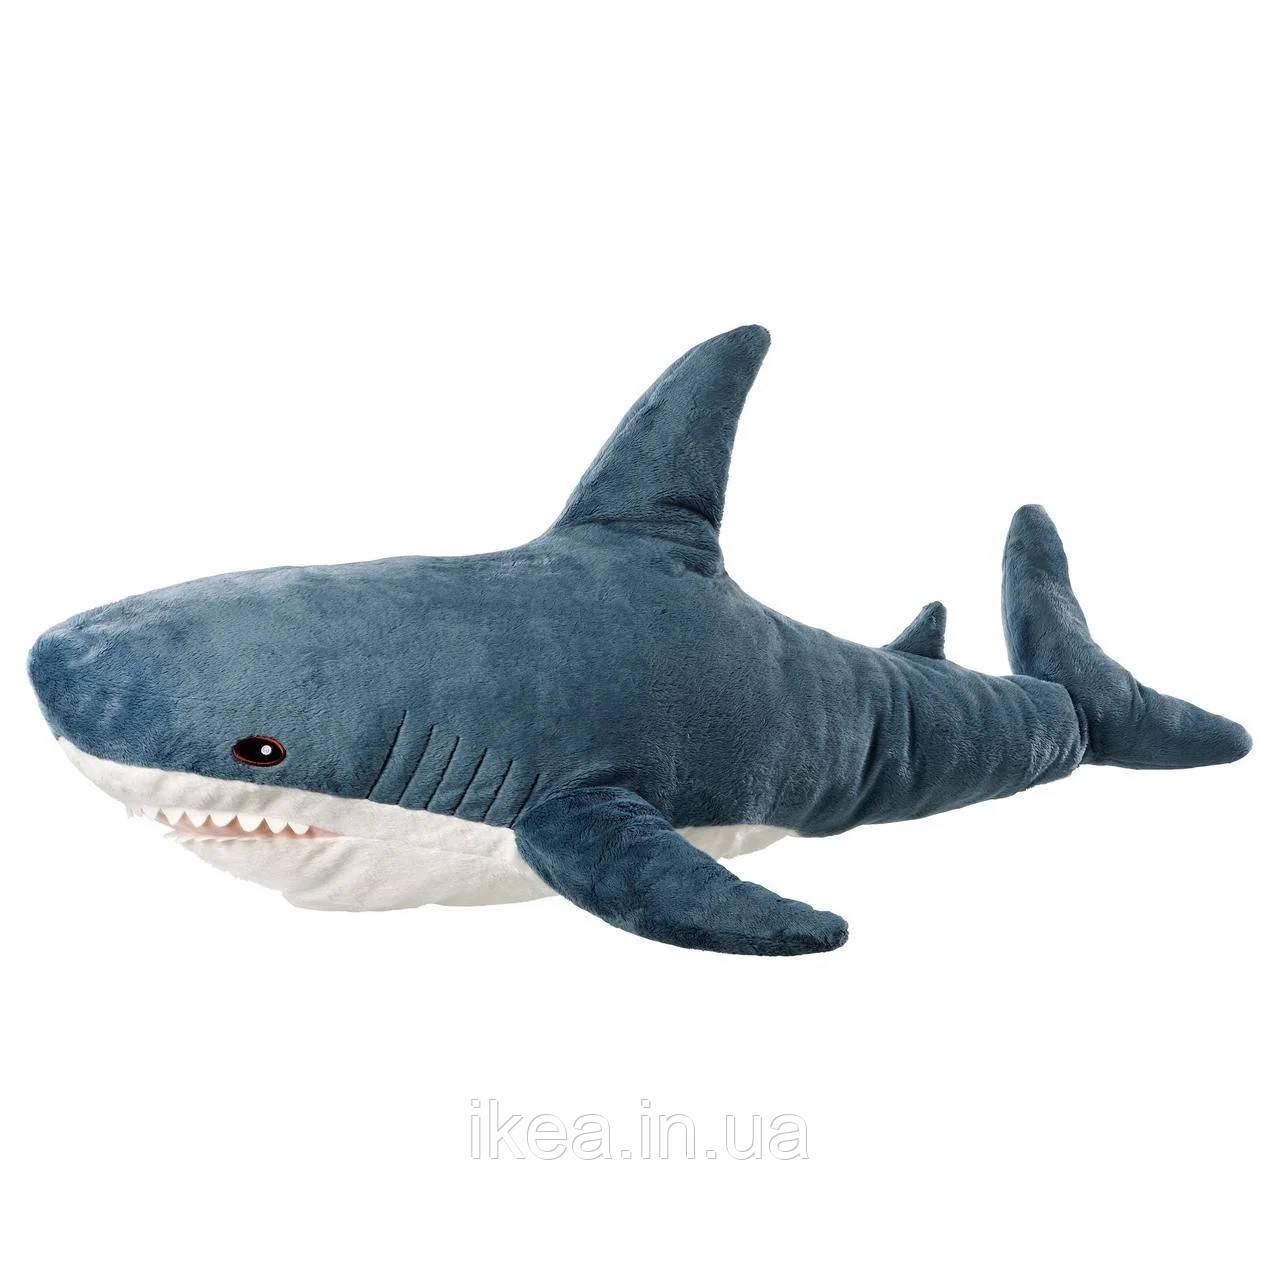 Плюшева іграшка Акула 100 см синя IKEA BLÅHAJ дитяча м'яка іграшка ІКЕА БЛОХЕЙ